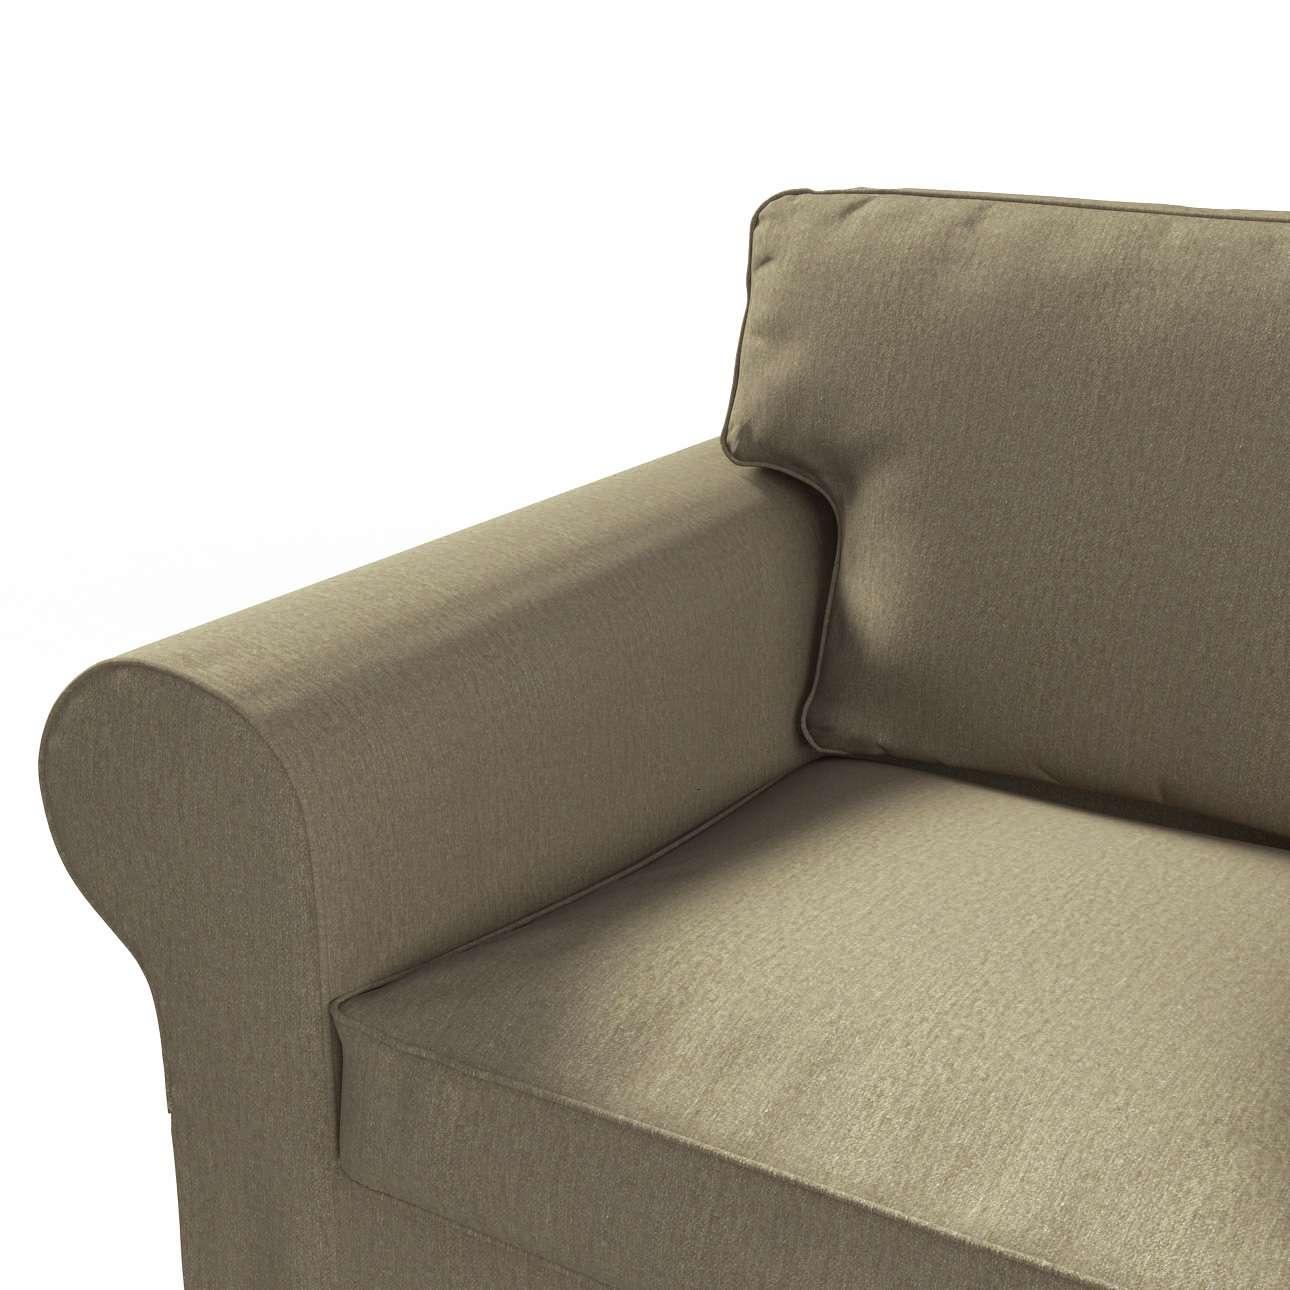 Poťah na sedačku Ektorp (rozkladacia, pre 2 osoby) NOVÝ MODEL 2012 V kolekcii Chenille, tkanina: 702-21